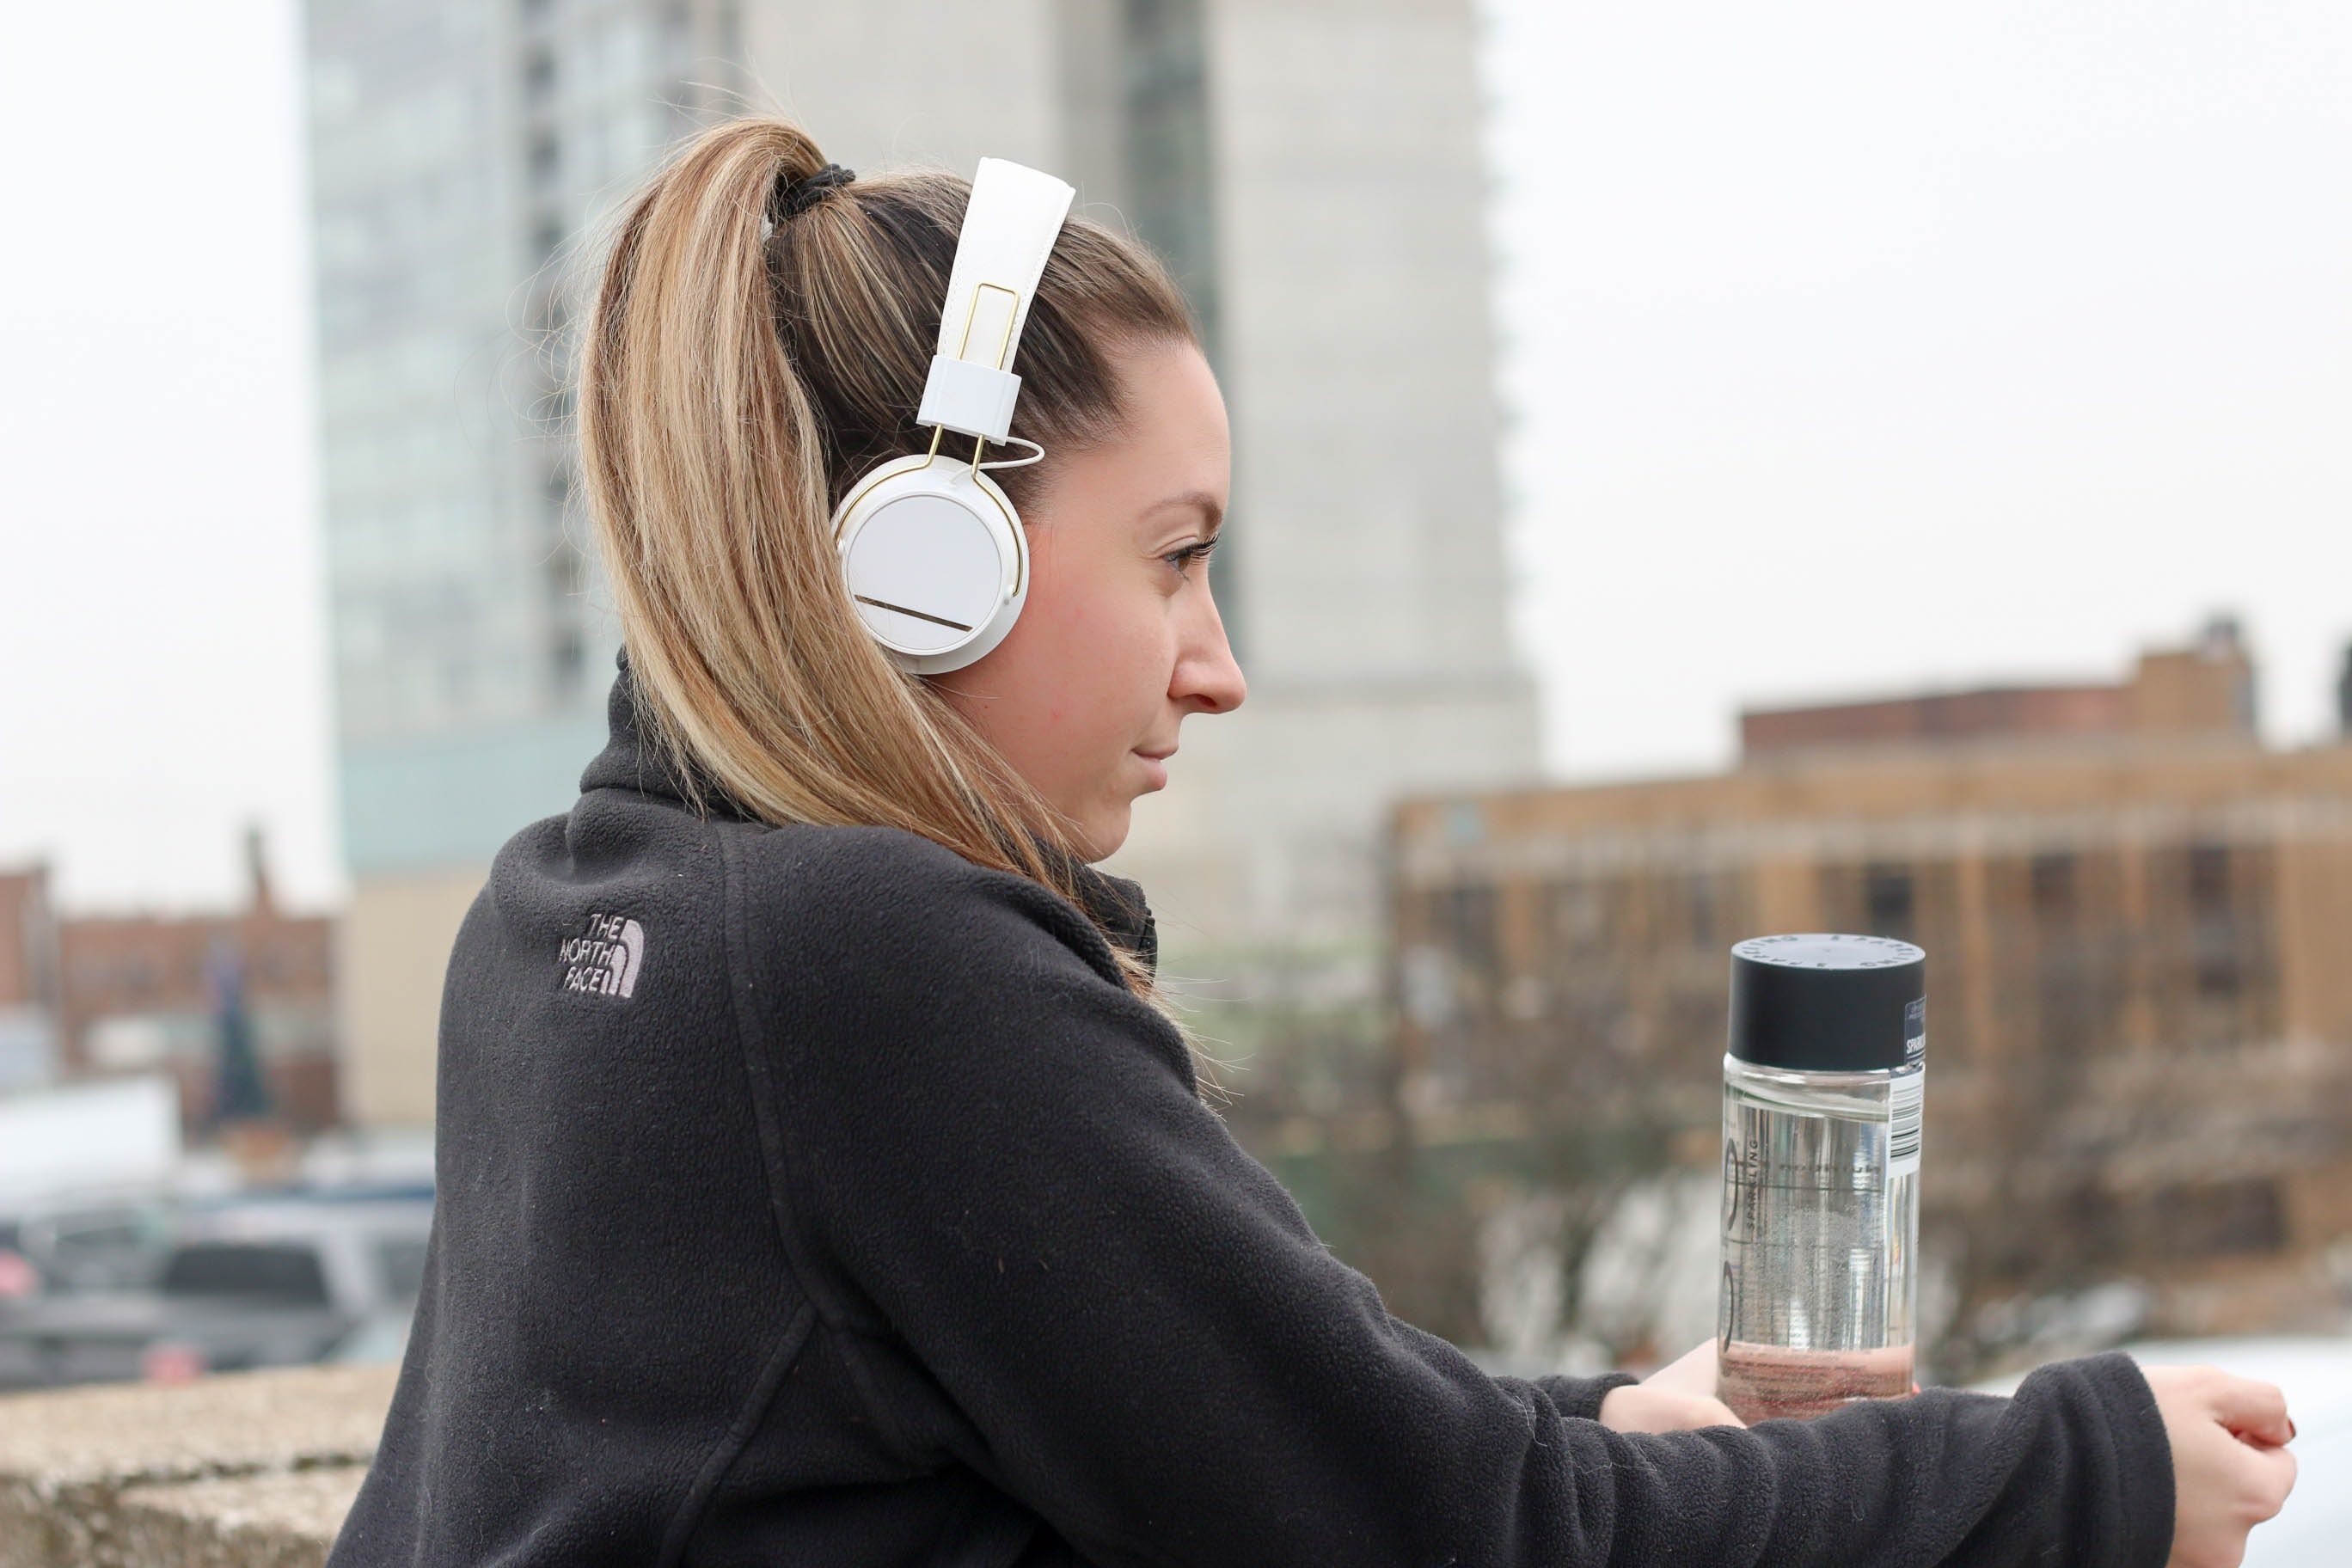 women listening with headphones